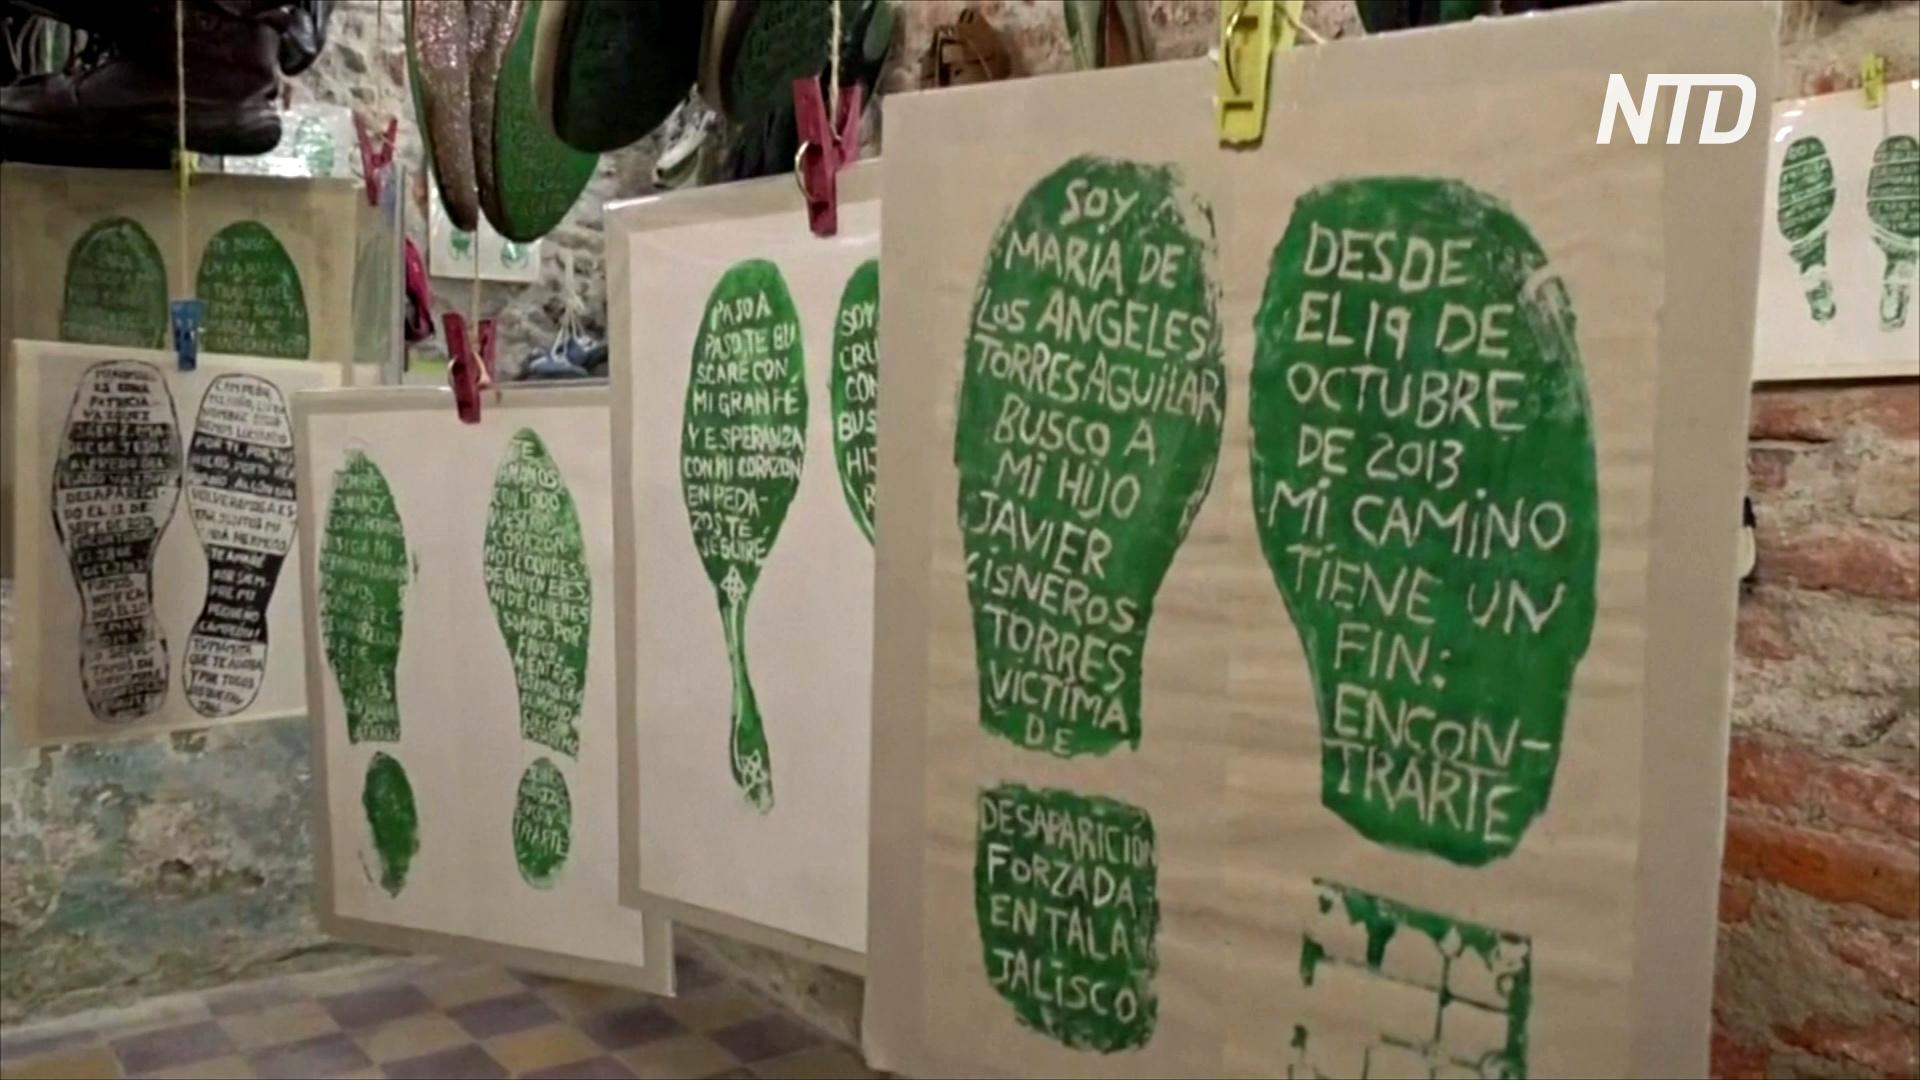 Родственники пропавших без вести в Мексике: «Люди продолжают исчезать»